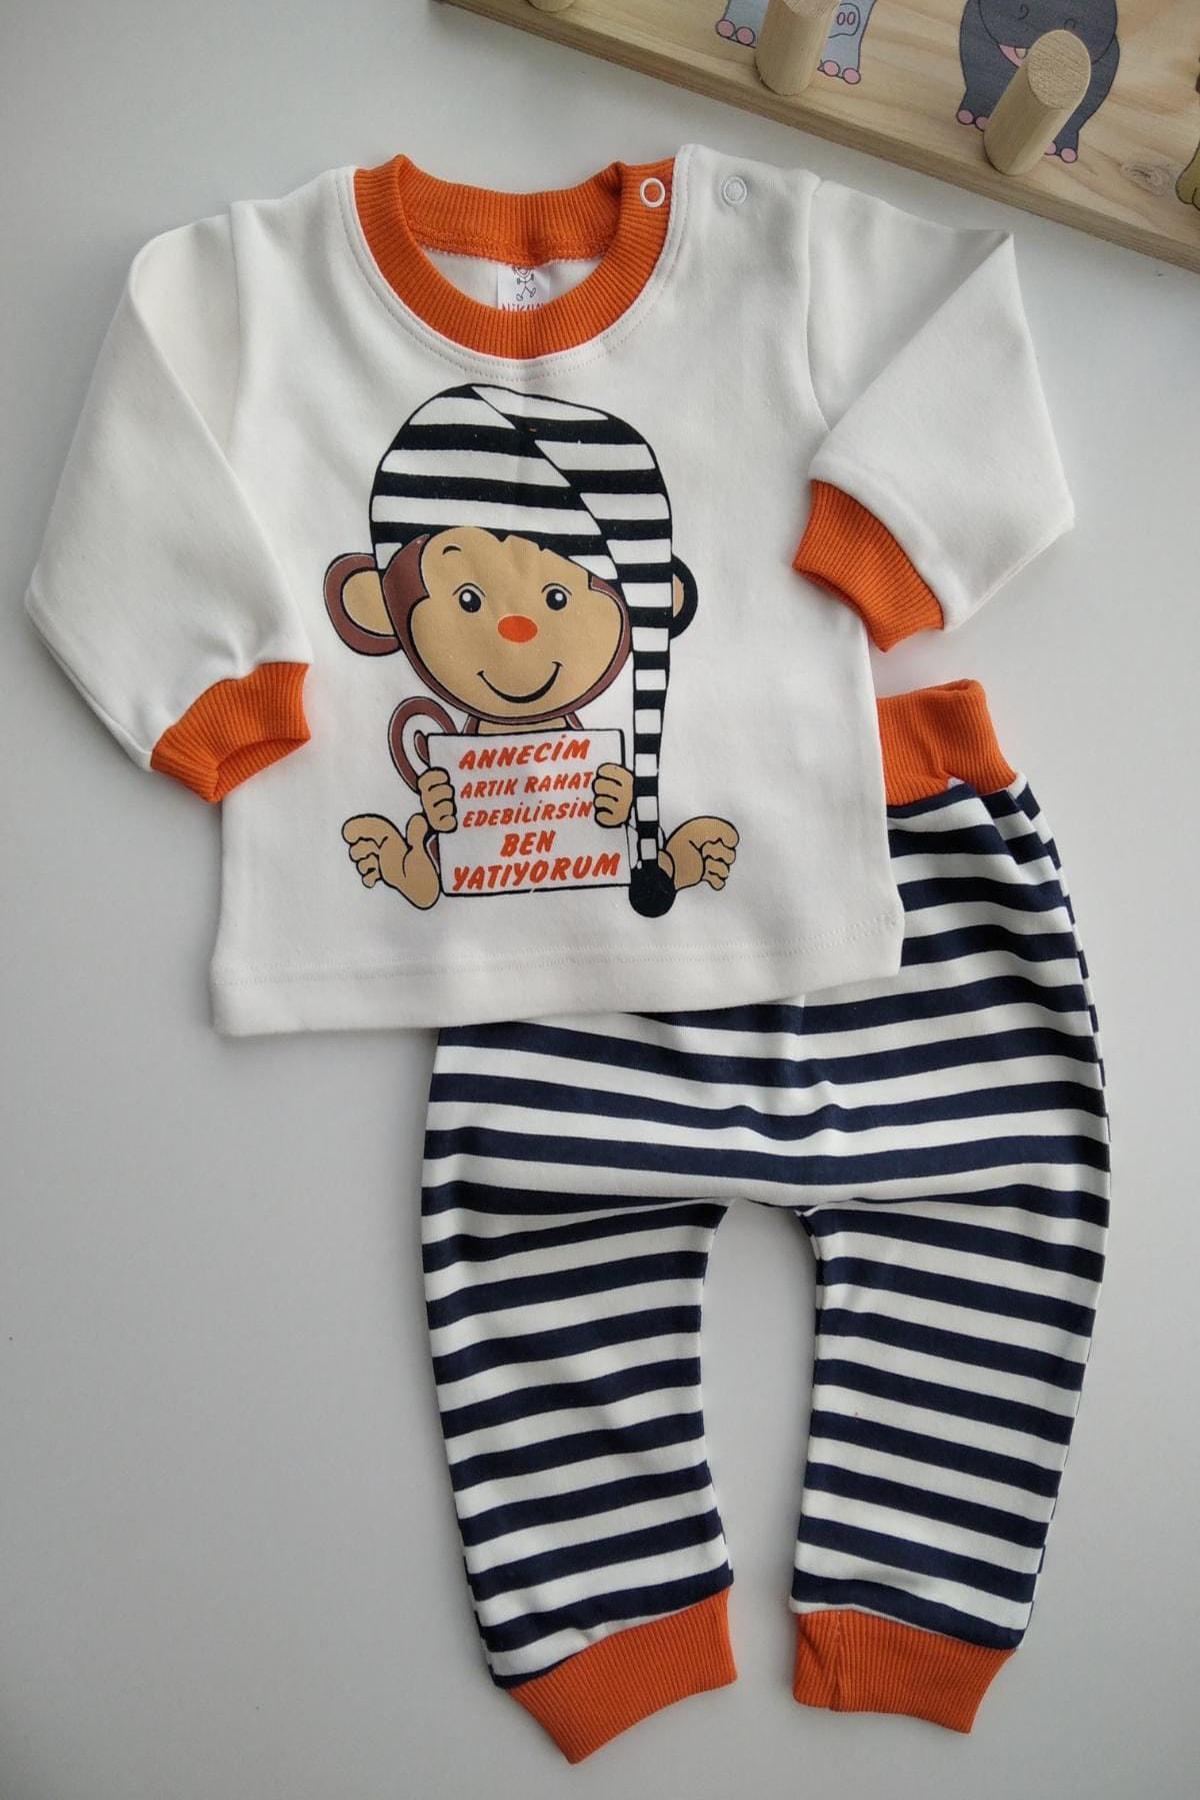 Bebek Exclusive Annecim Ben Uyuyorum Yazılı Bebek 2li Pijama Takımı 1